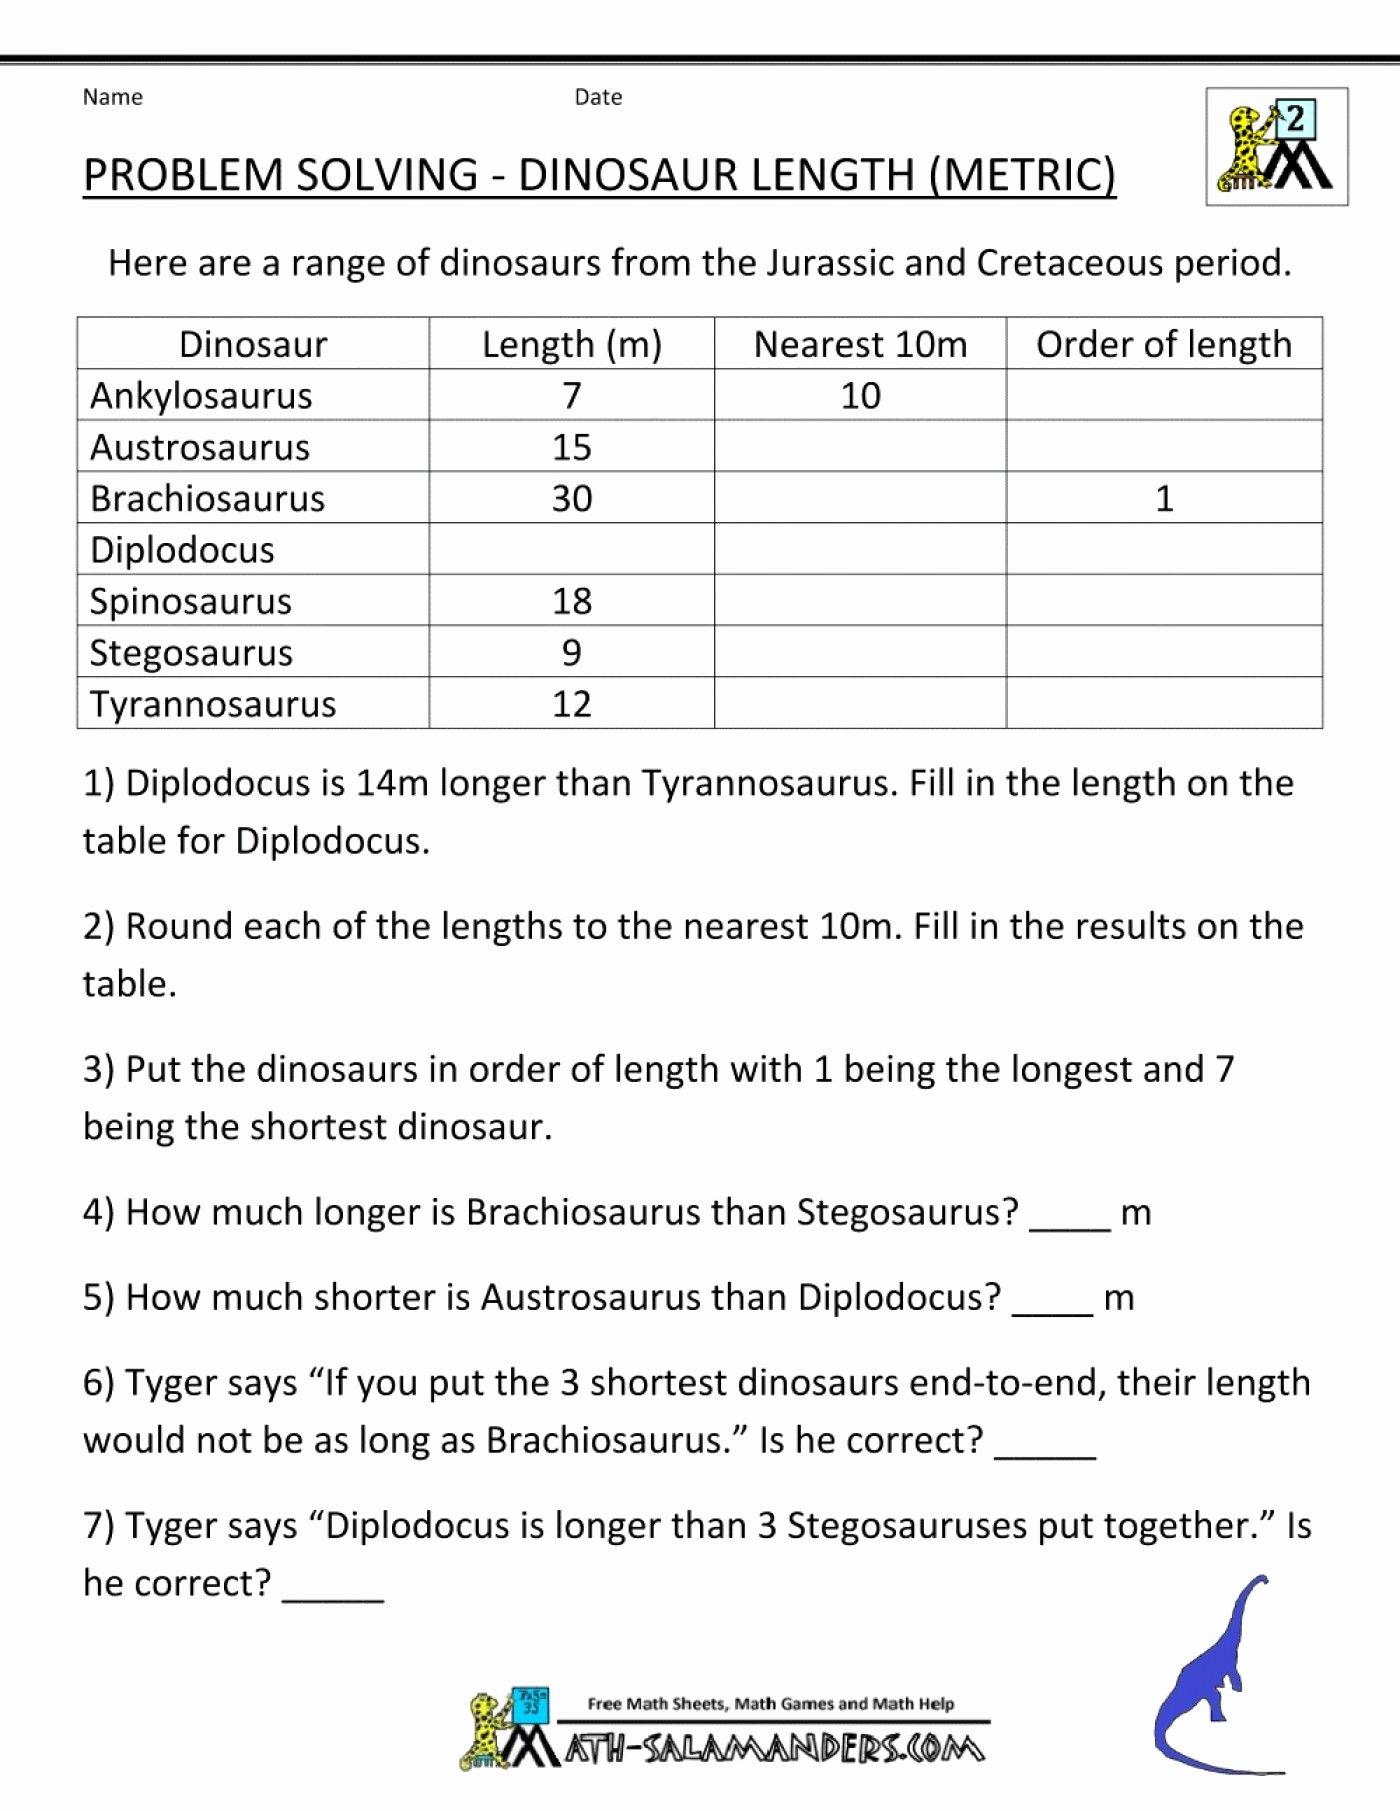 50 Algebra Word Problems Worksheet